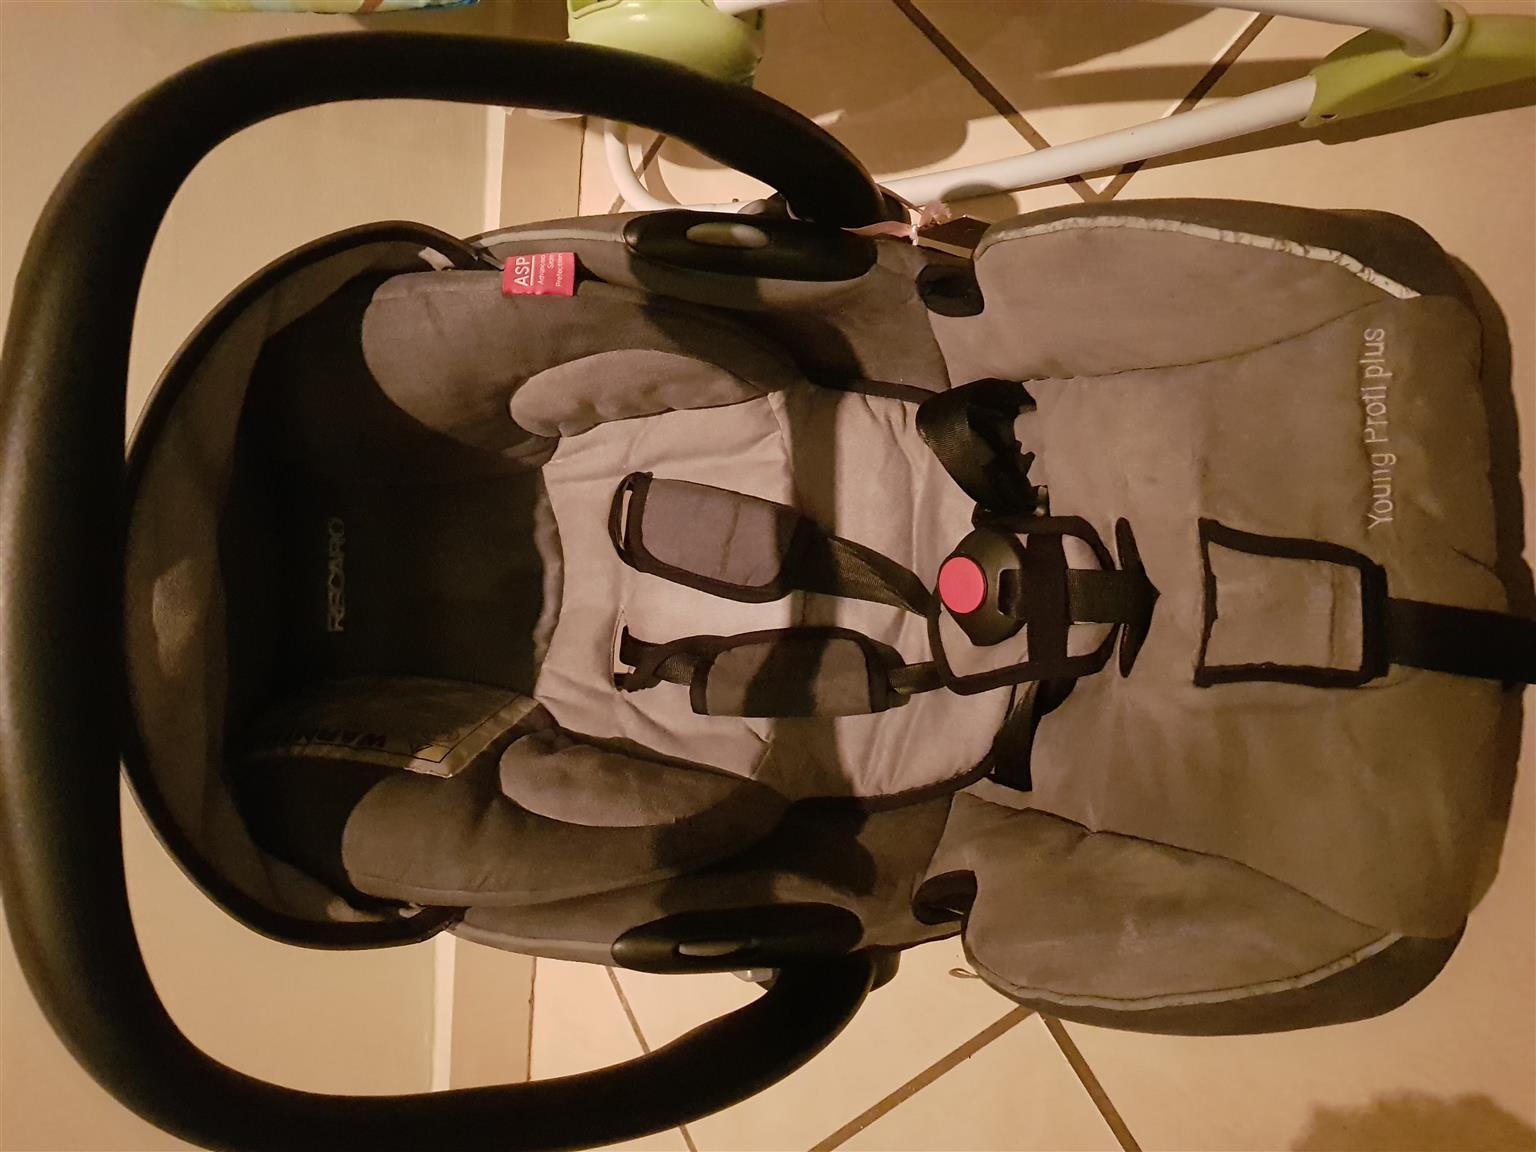 Recaro pram and car seat set